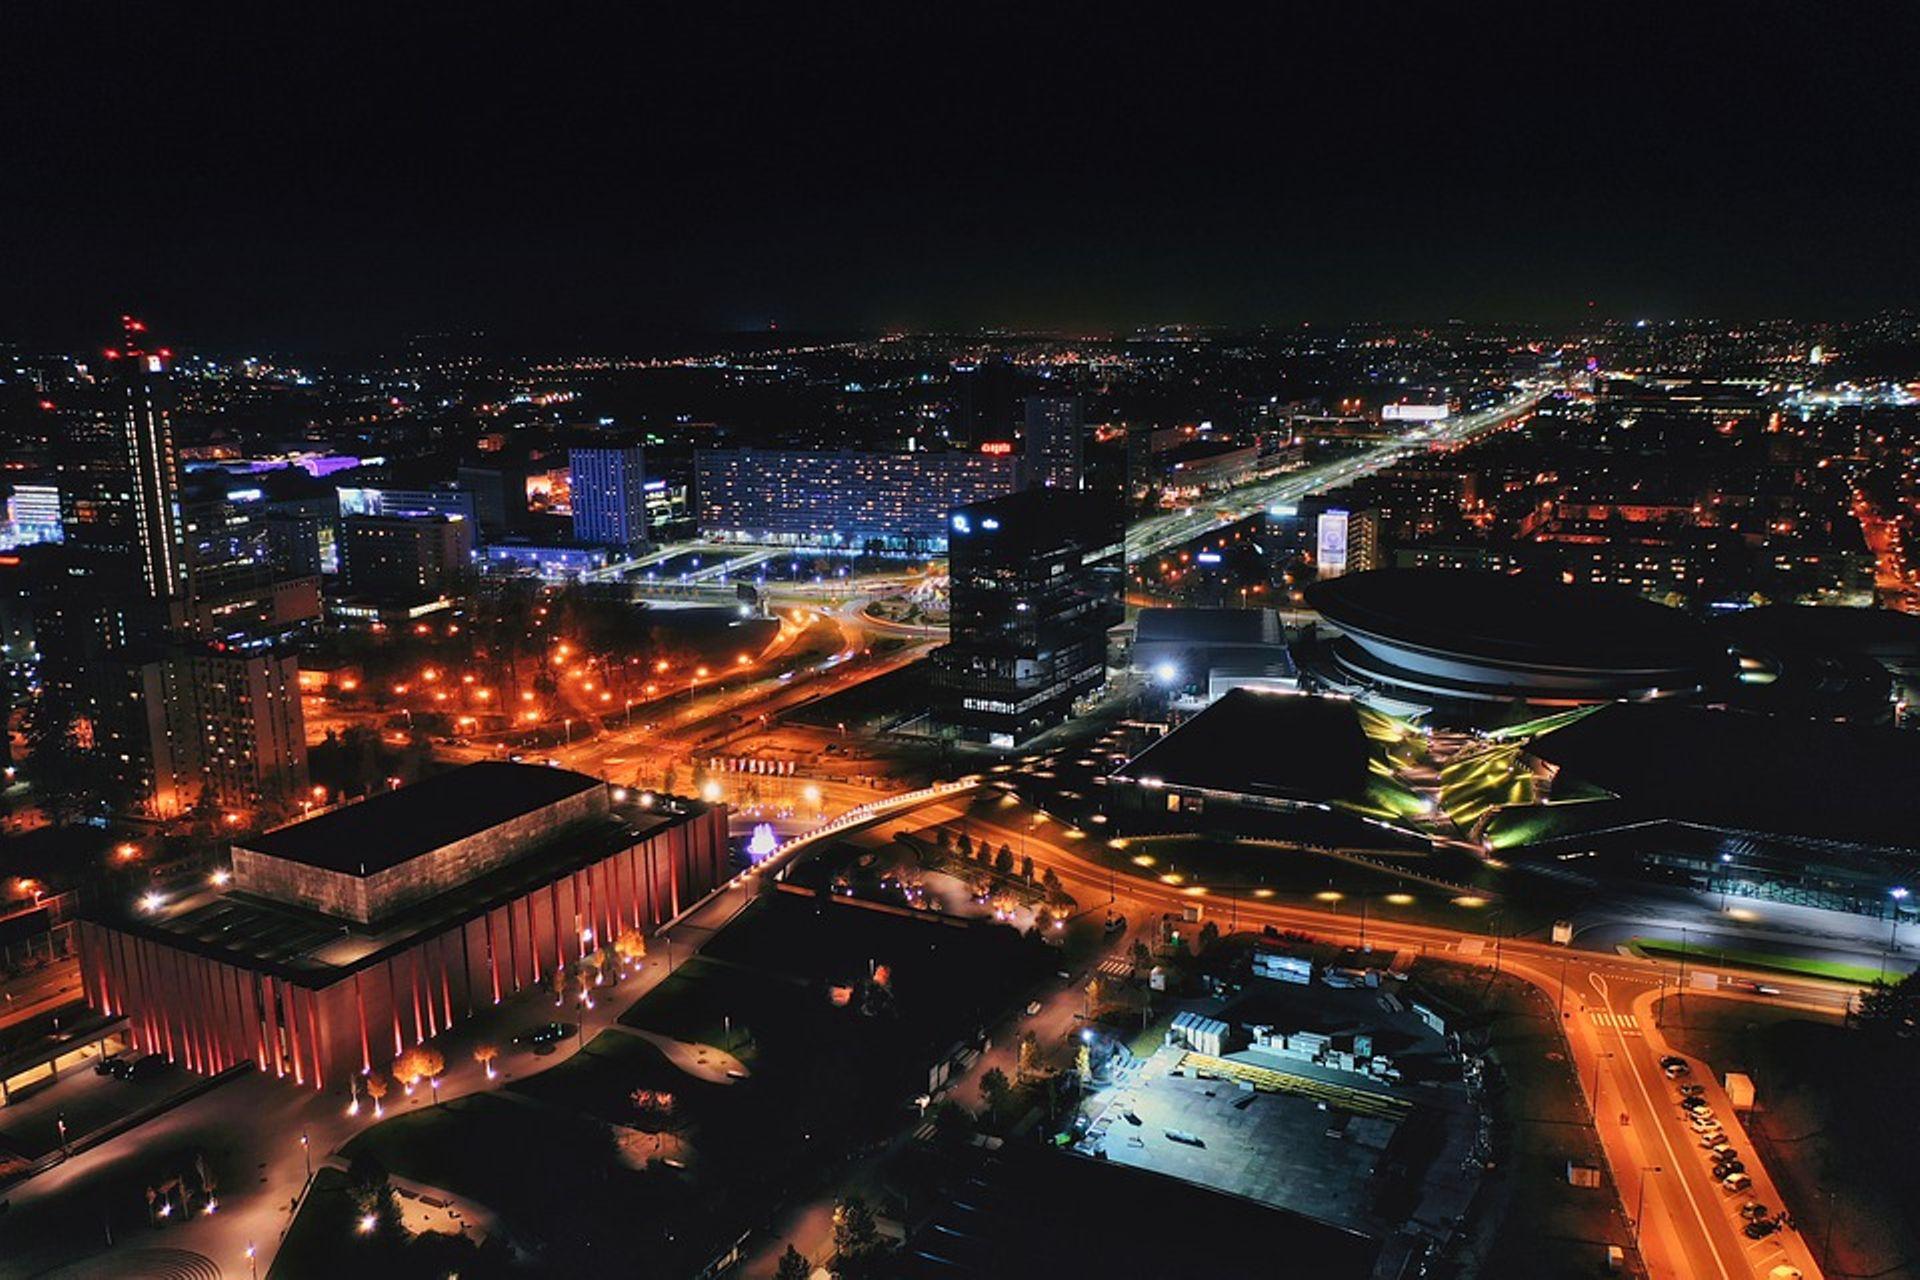 Kolejne lata mają być rekordowe dla rynku powierzchni biurowych w Katowicach